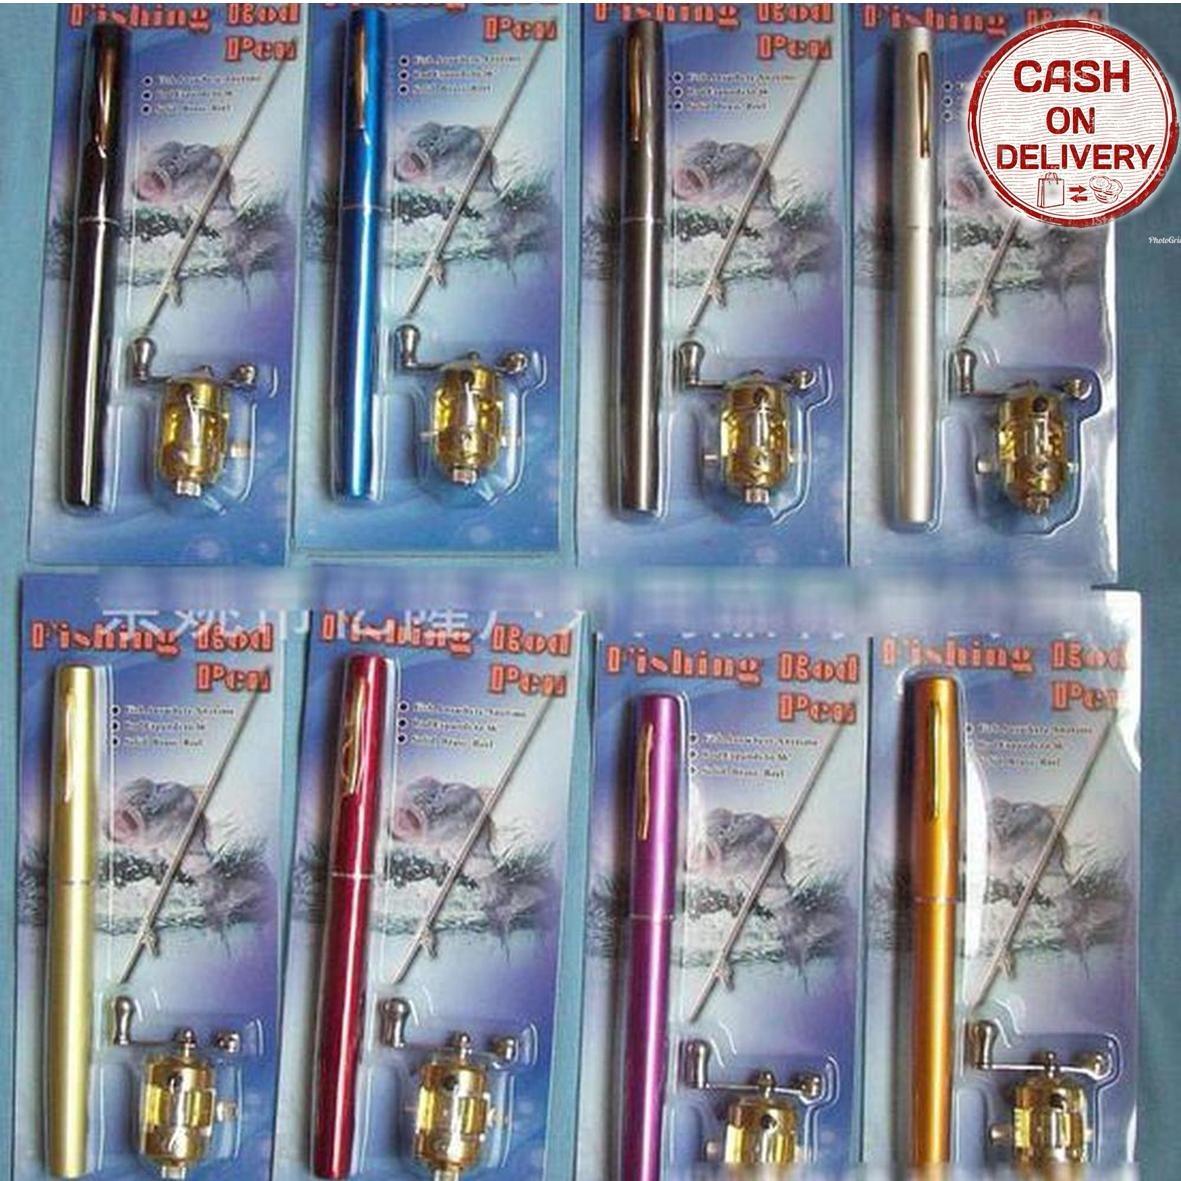 Kado Unik-- Color Fish Rod Pen Pocket Fishing / Alat Pancing / Alat Pancing Portable / Mini Portable Pocket Fish Pen Aluminum / Pancing Pena Murah